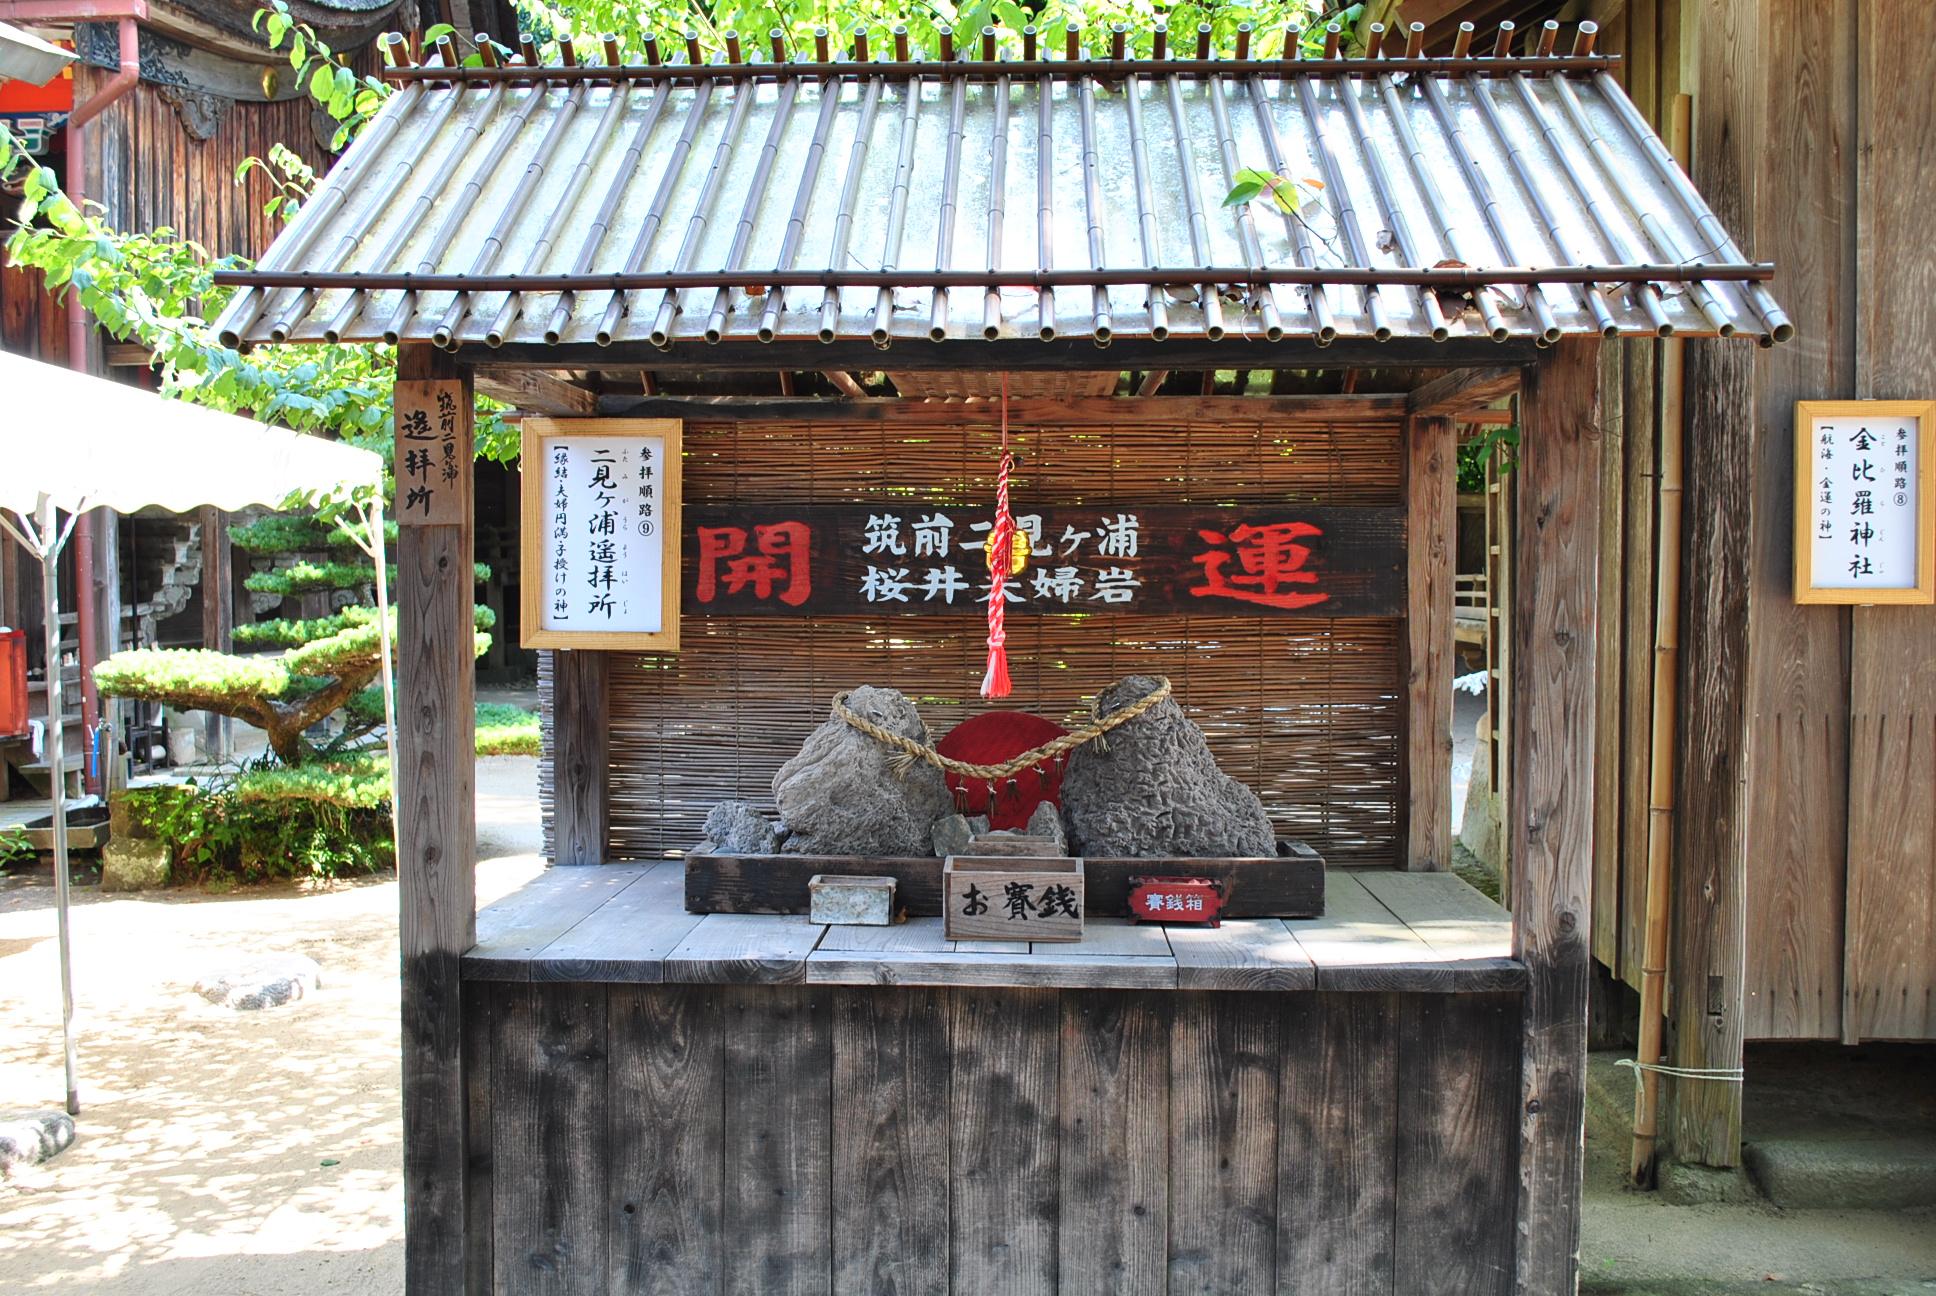 「福岡 桜井神社 二見が浦遥拝所」の画像検索結果